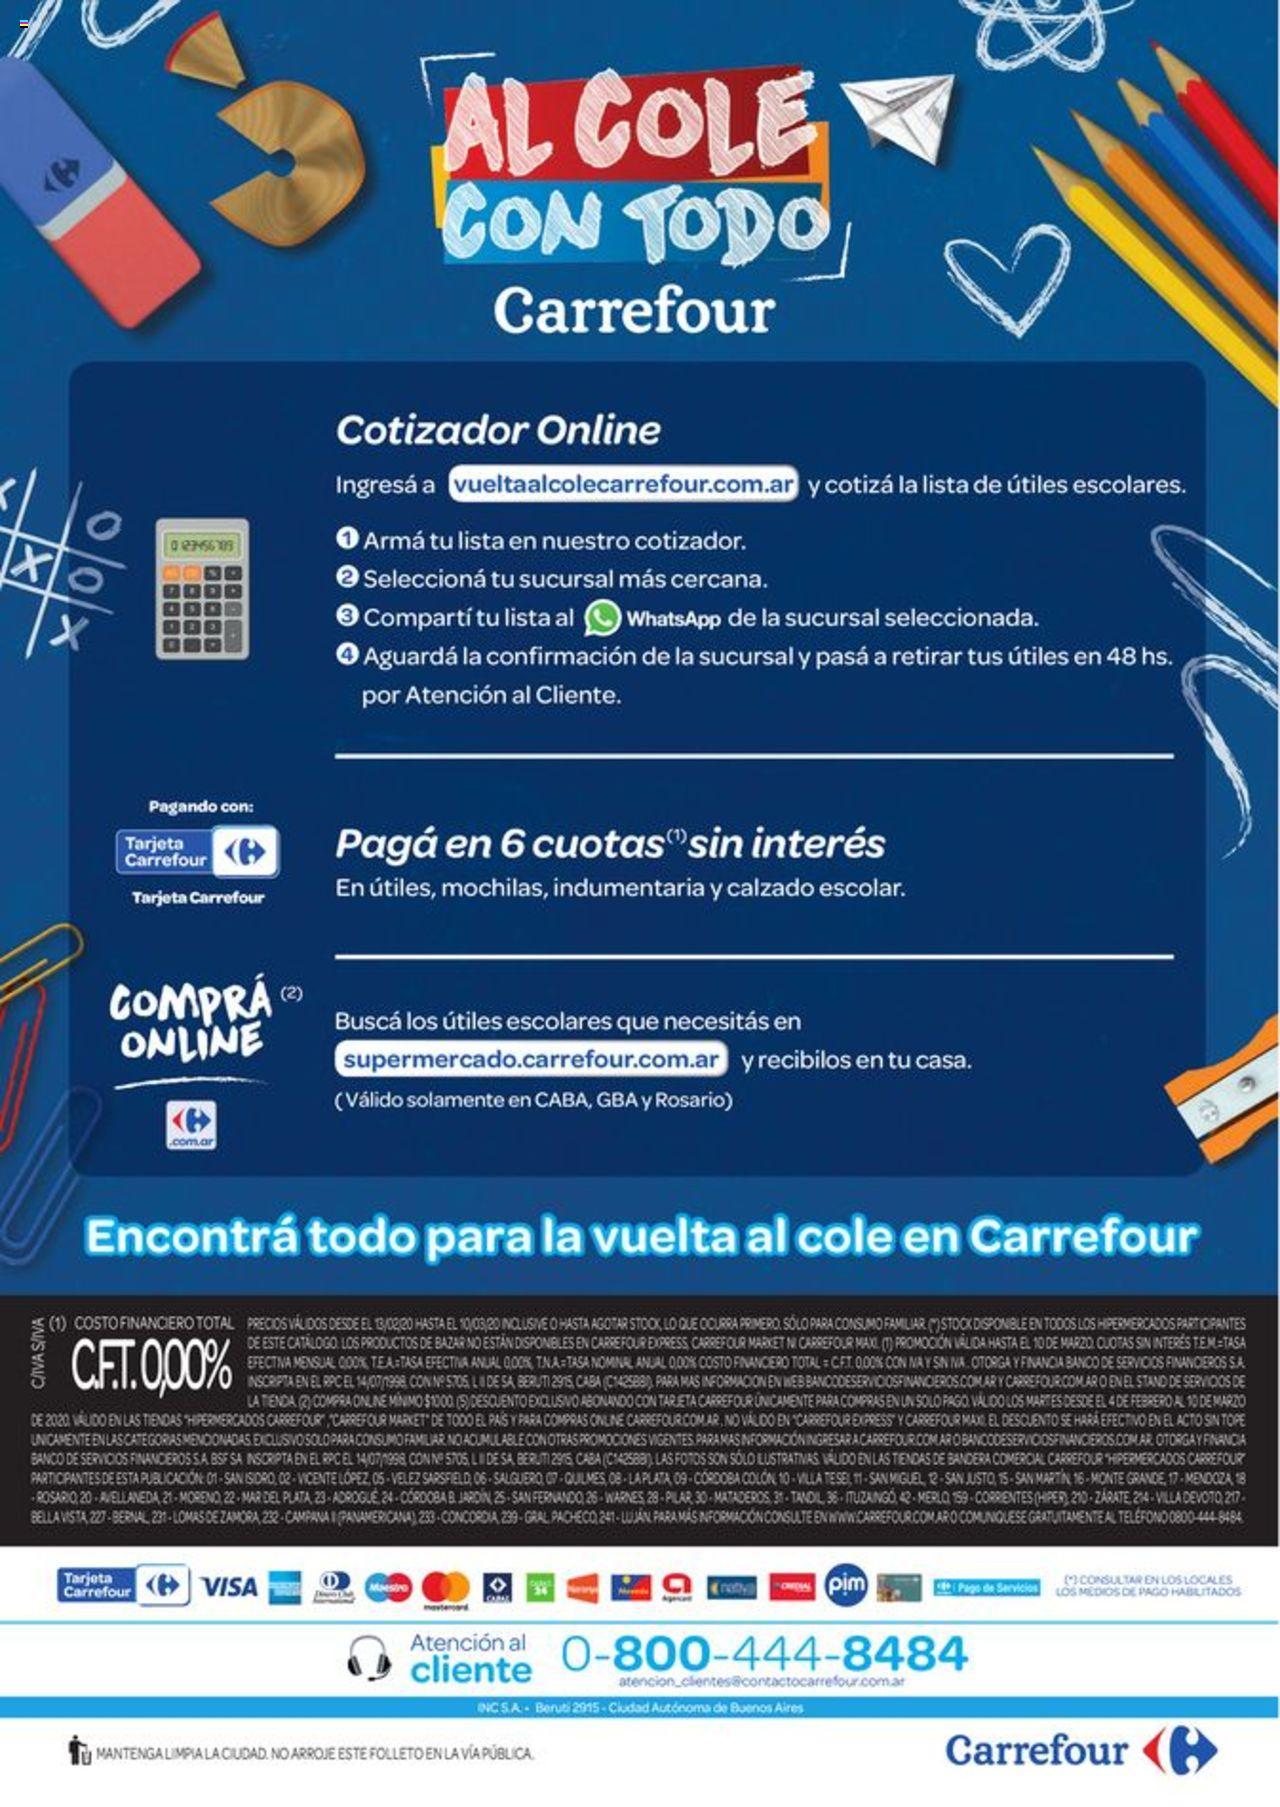 Carrefour Oferta válido desde el 13/02/2020 número de página 1 | Página: 24